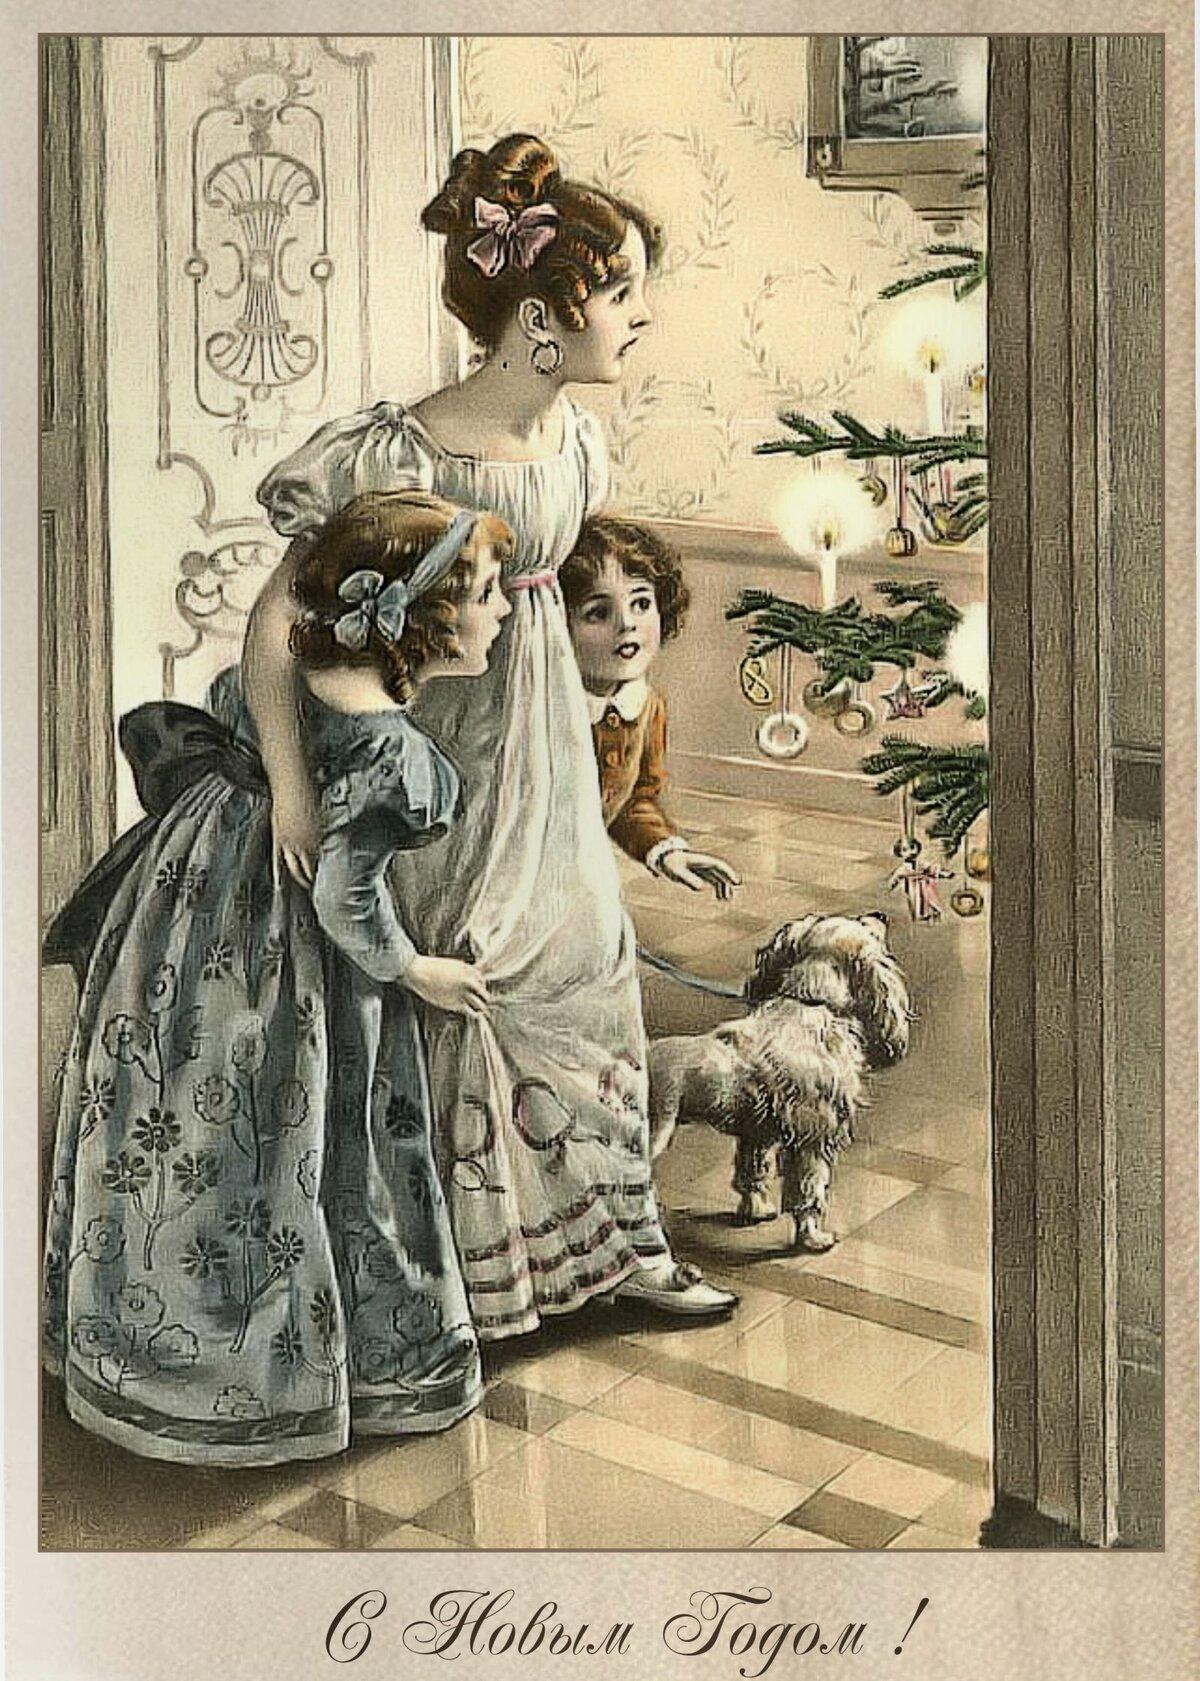 Поздравительные открытки конца 19 века, повышением картинка